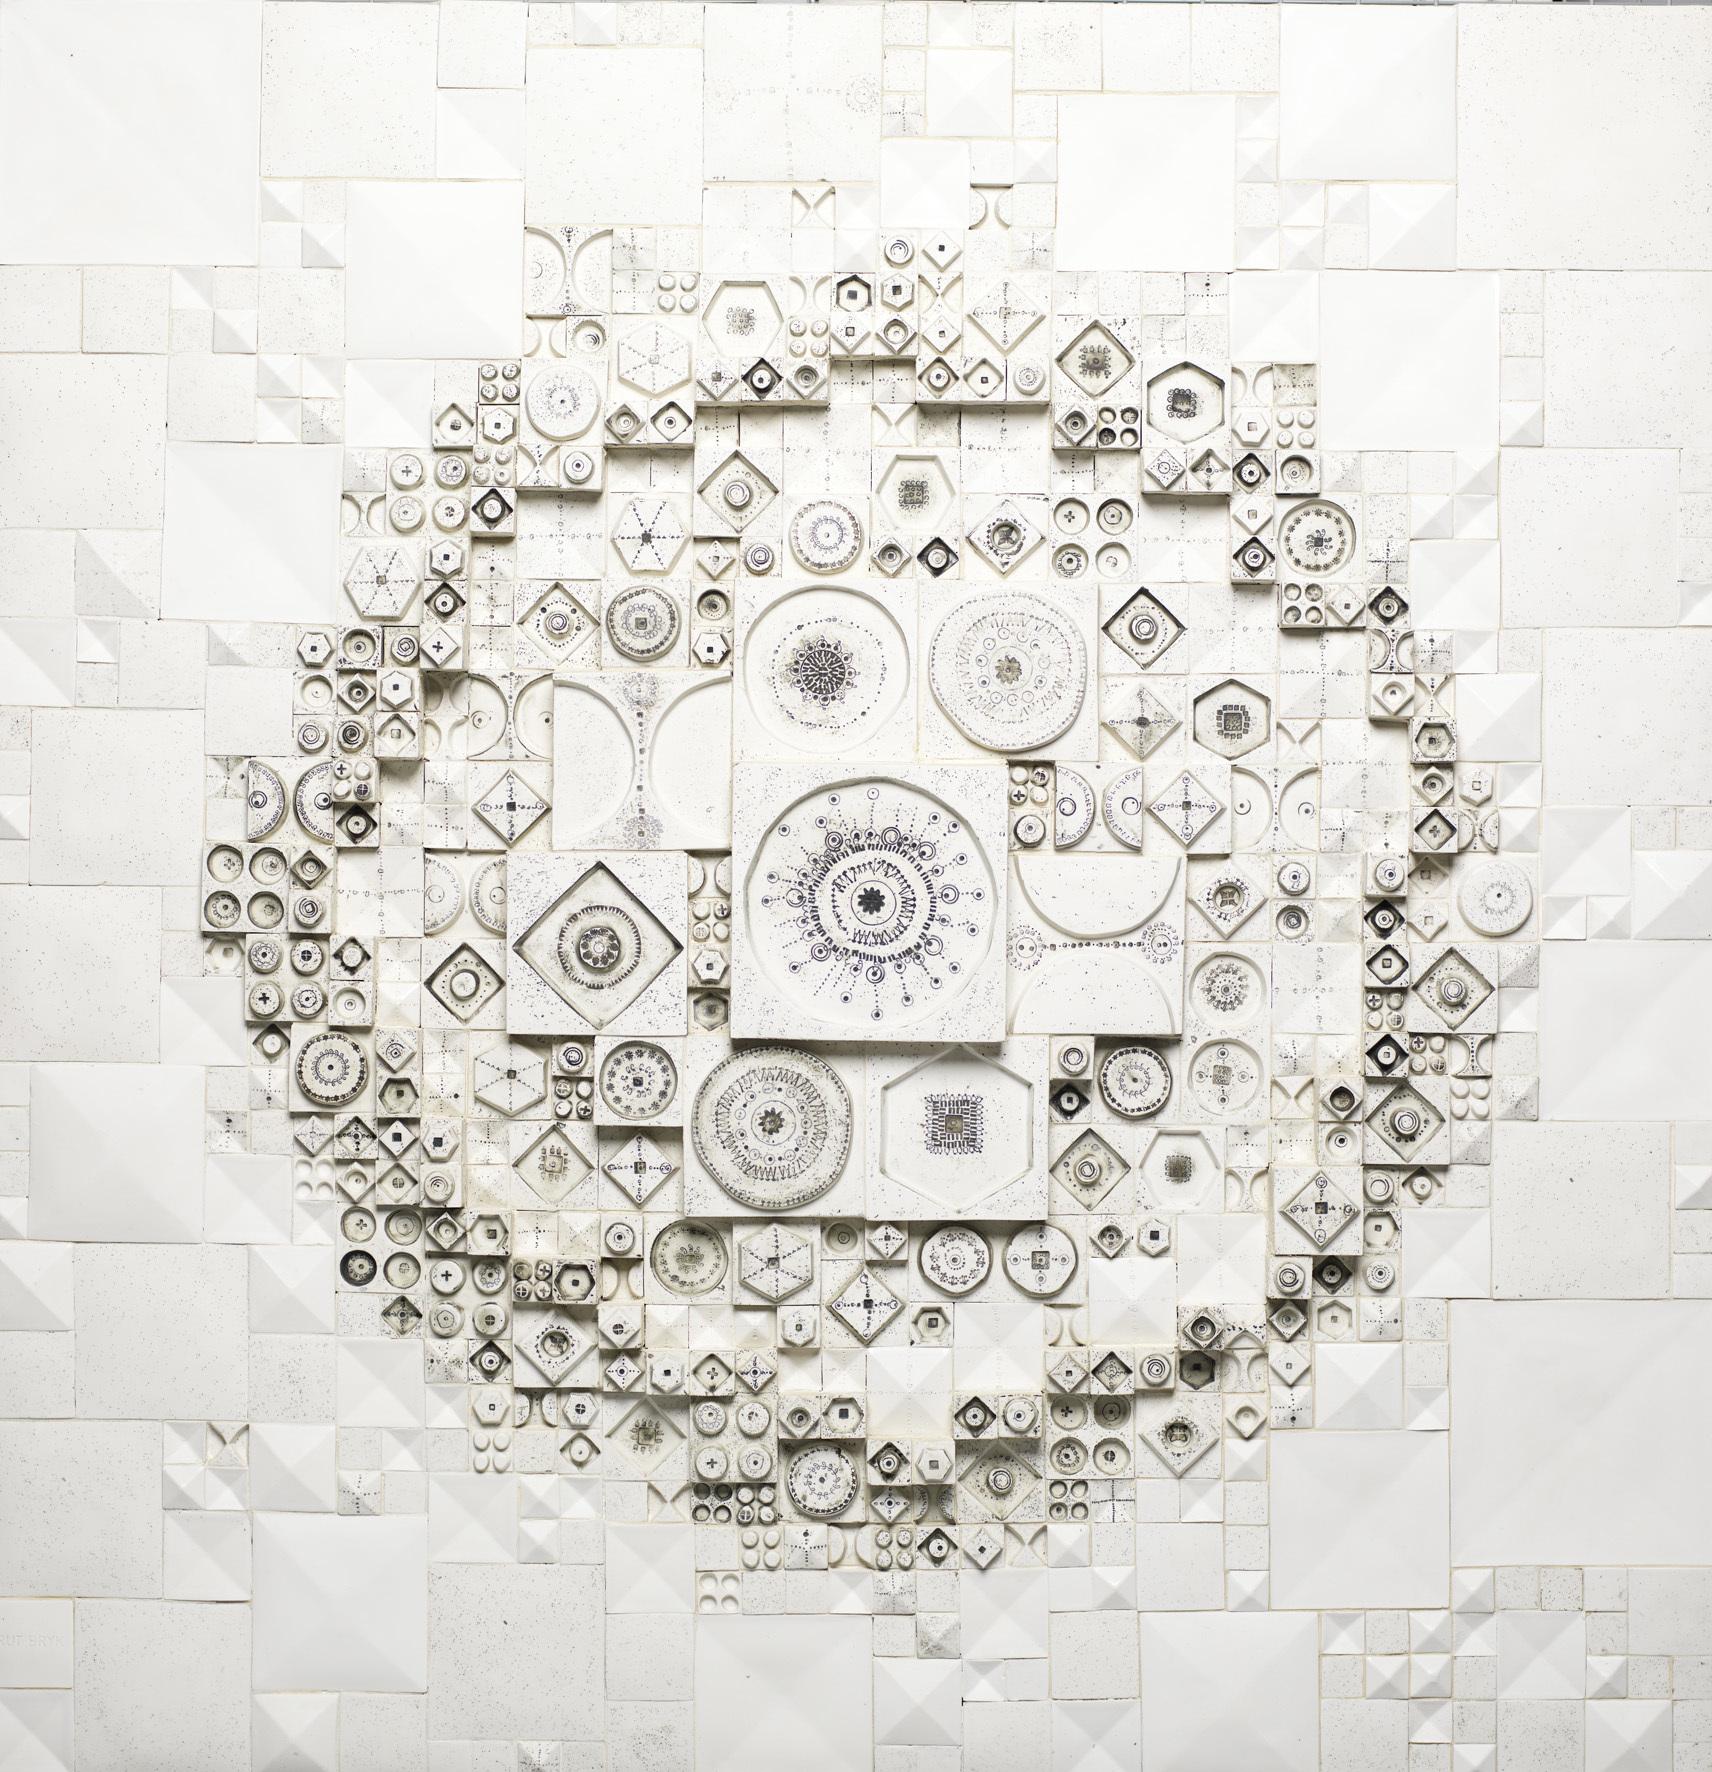 《色づいた太陽》1969年、タピオ・ヴィルカラ ルート・ブリュック財団蔵 Tapio Wirkkala Rut Bryk Foundation's Collection / EMMA – Espoo Museum of Modern Art  (C)KUVASTO, Helsinki & JASPAR, Tokyo, 2018 C2531